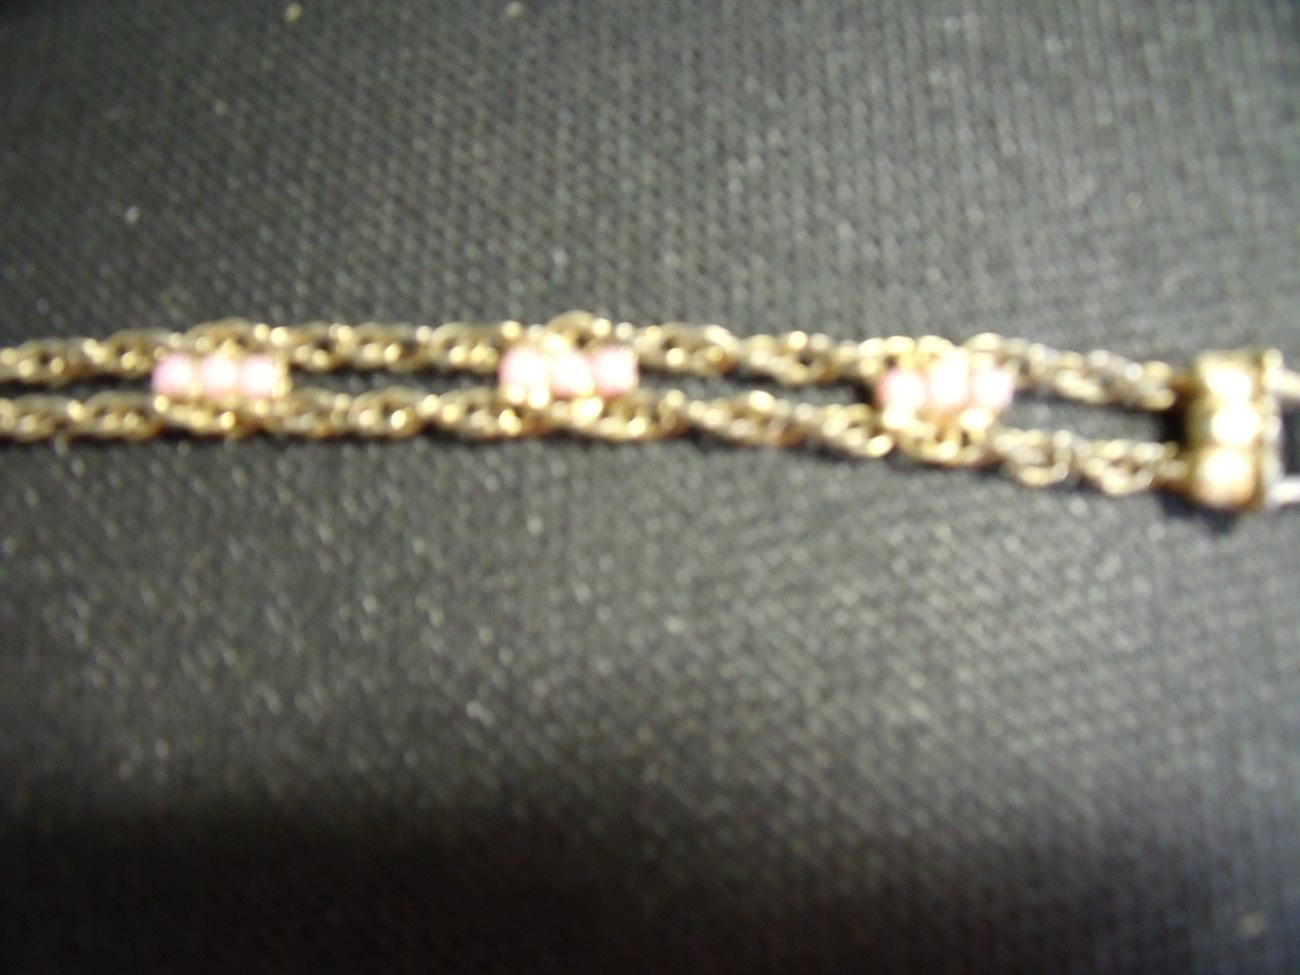 Bracelet in goldtonewith pink stones - Vintage